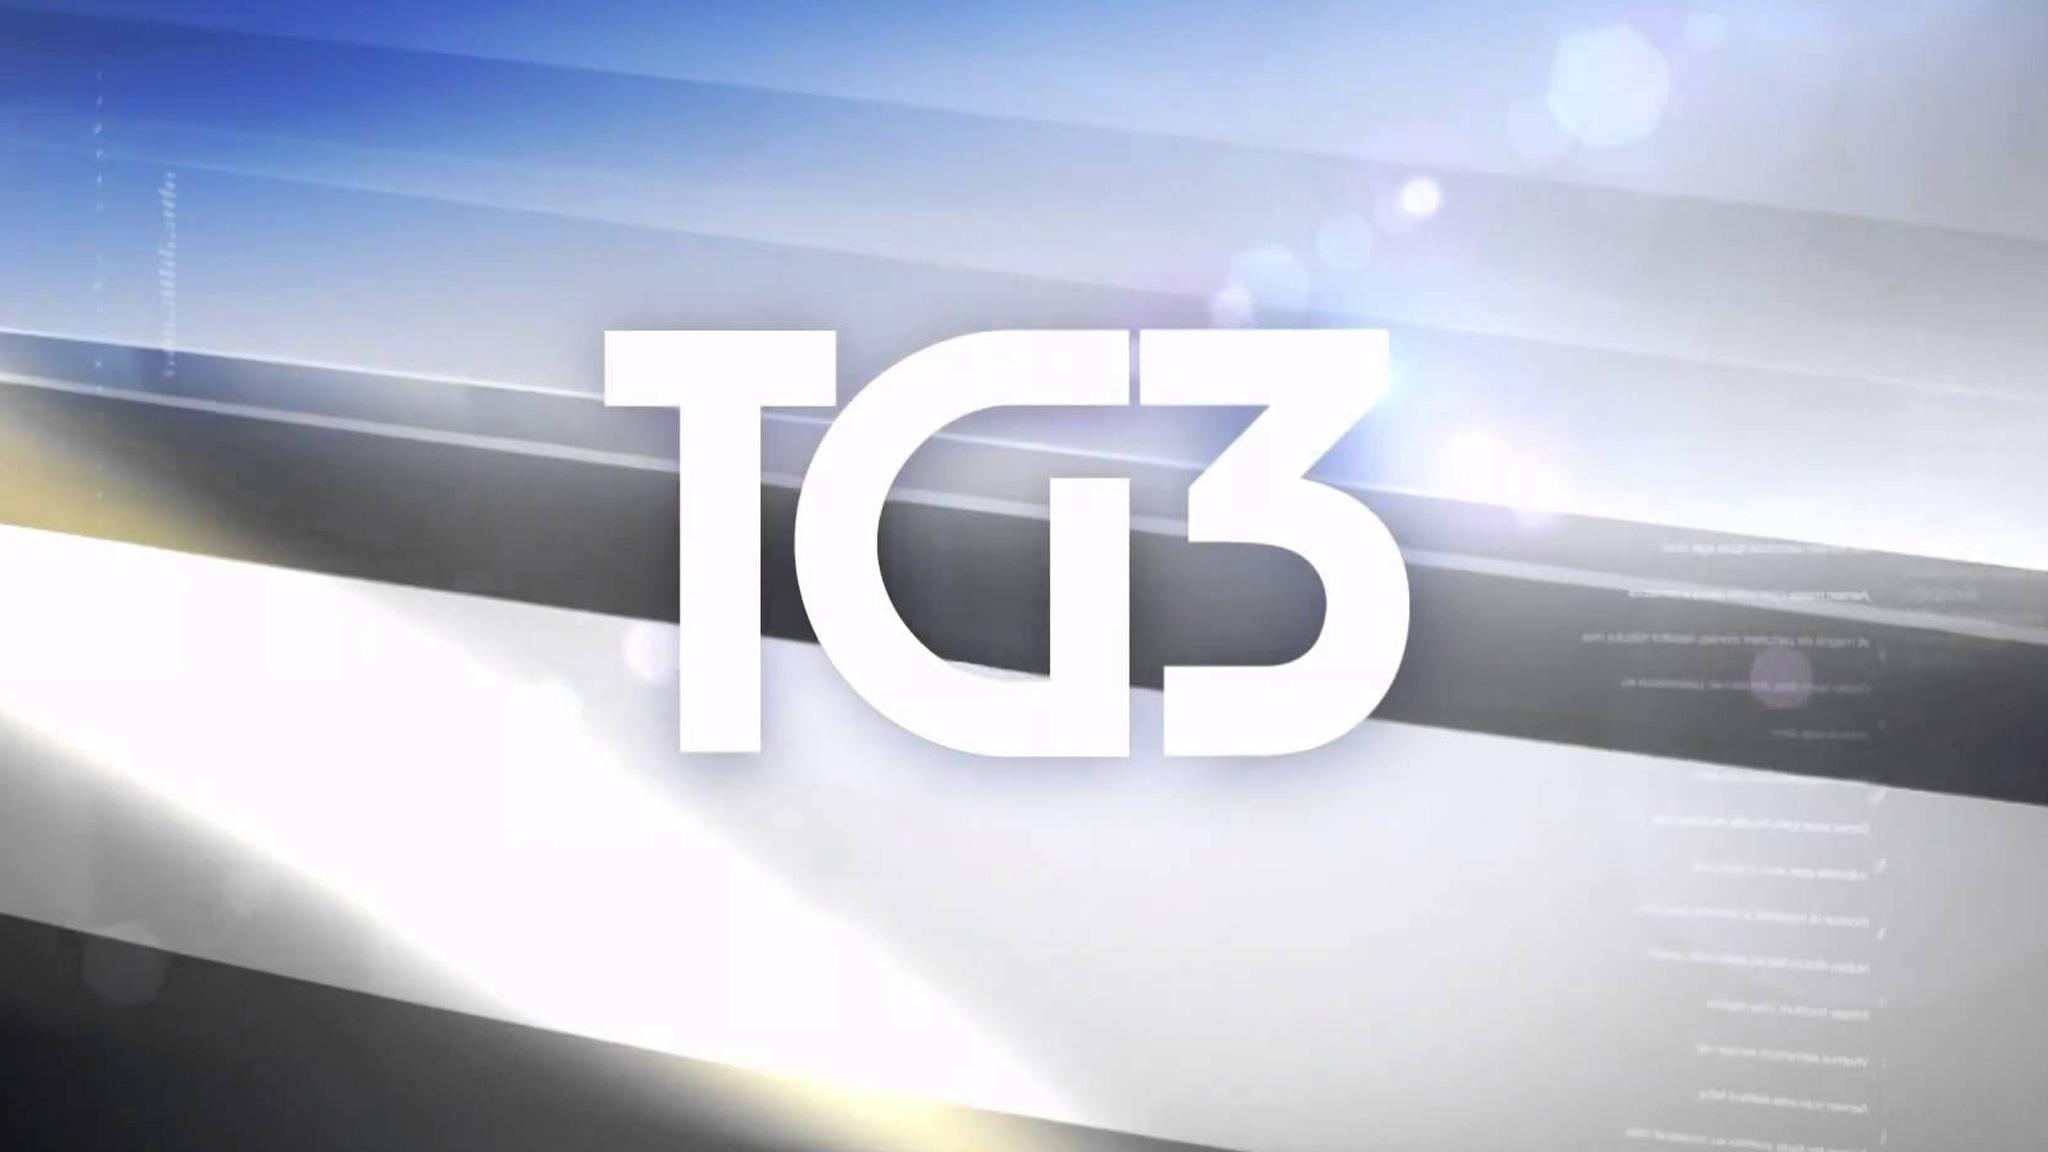 TG3 LIS